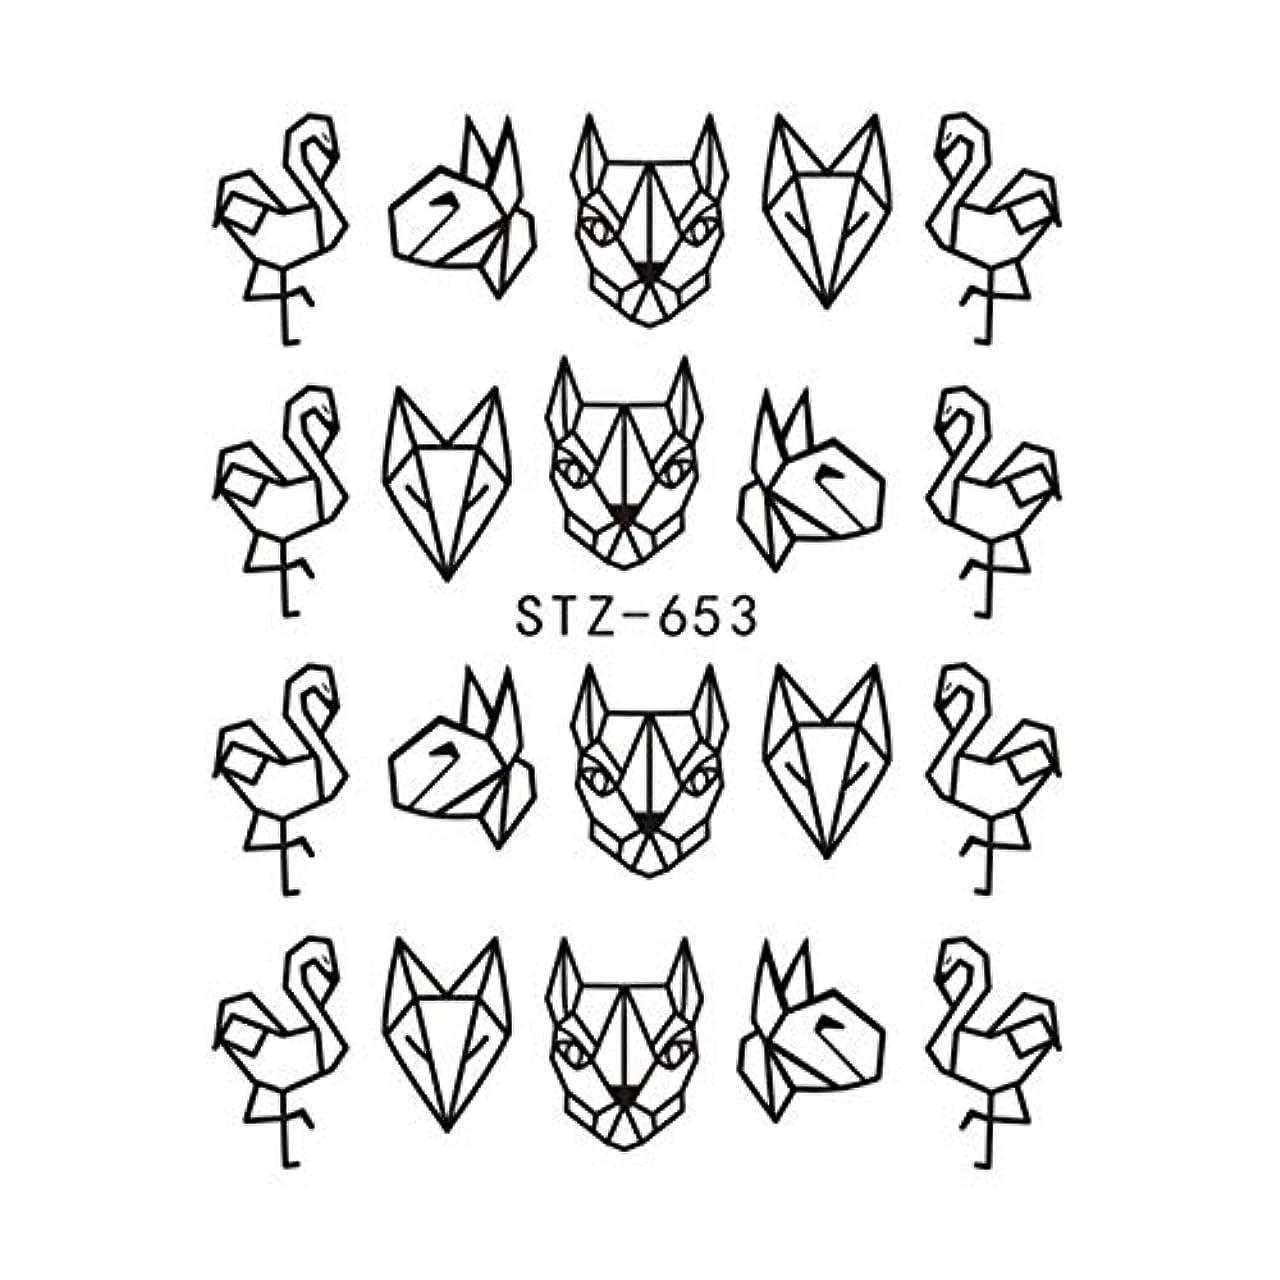 サイバースペース貴重な運営Yan 3ピースウォーターネイルステッカー漫画の動物中空デザインネイルデカール(STZ609) (色 : STZ653)